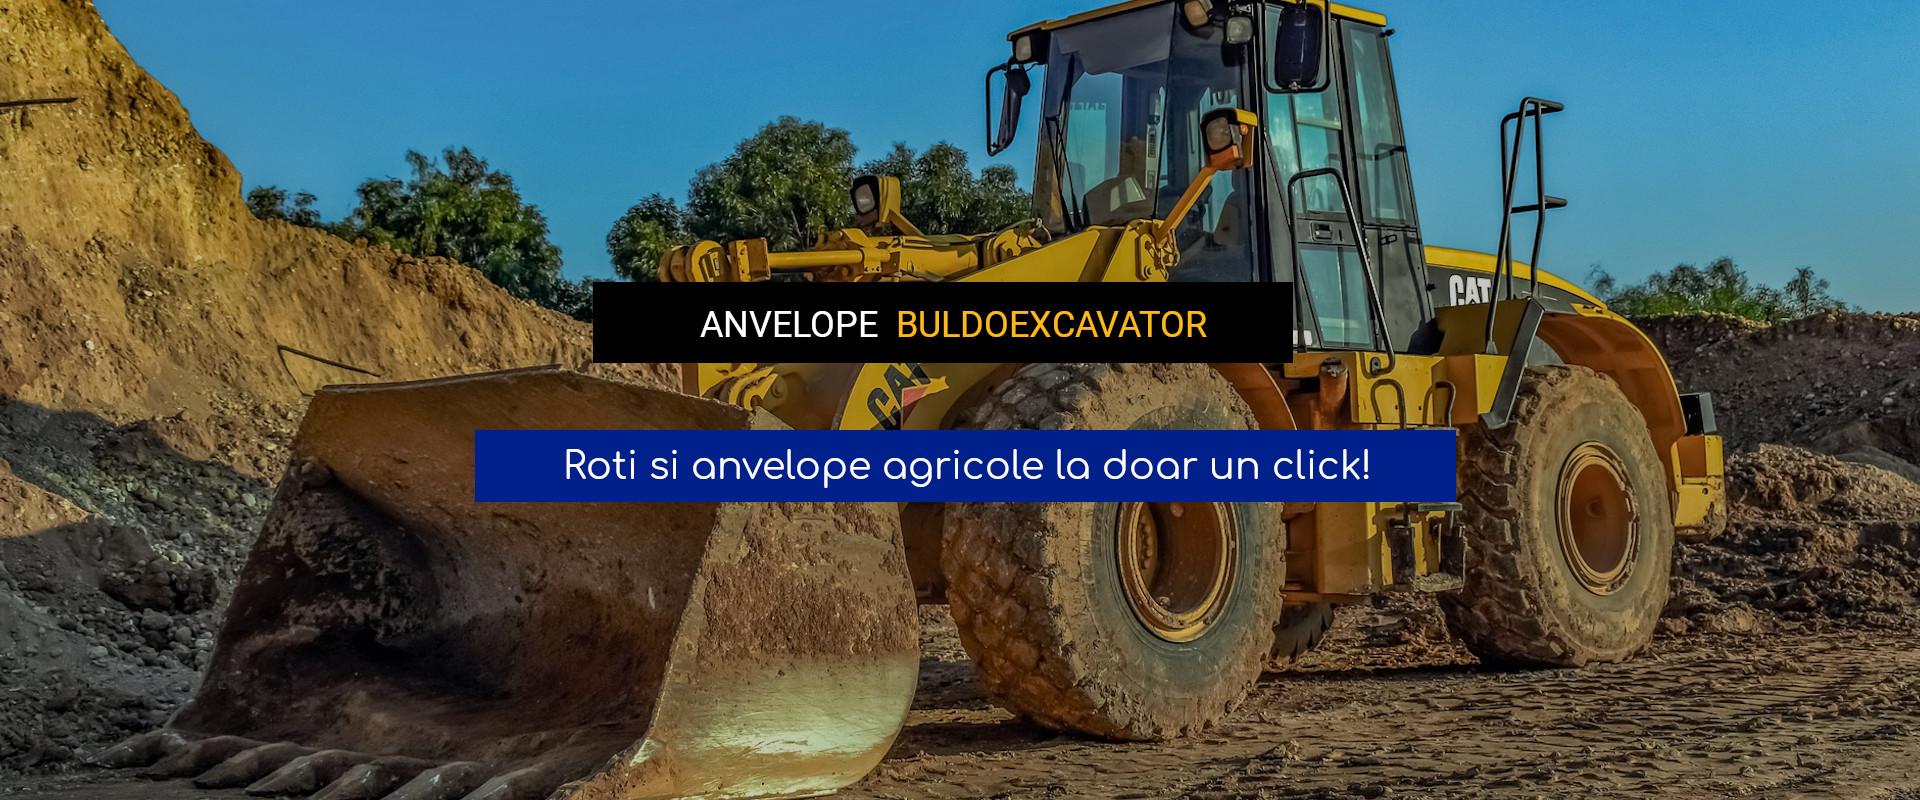 Anvelope buldoexcavator